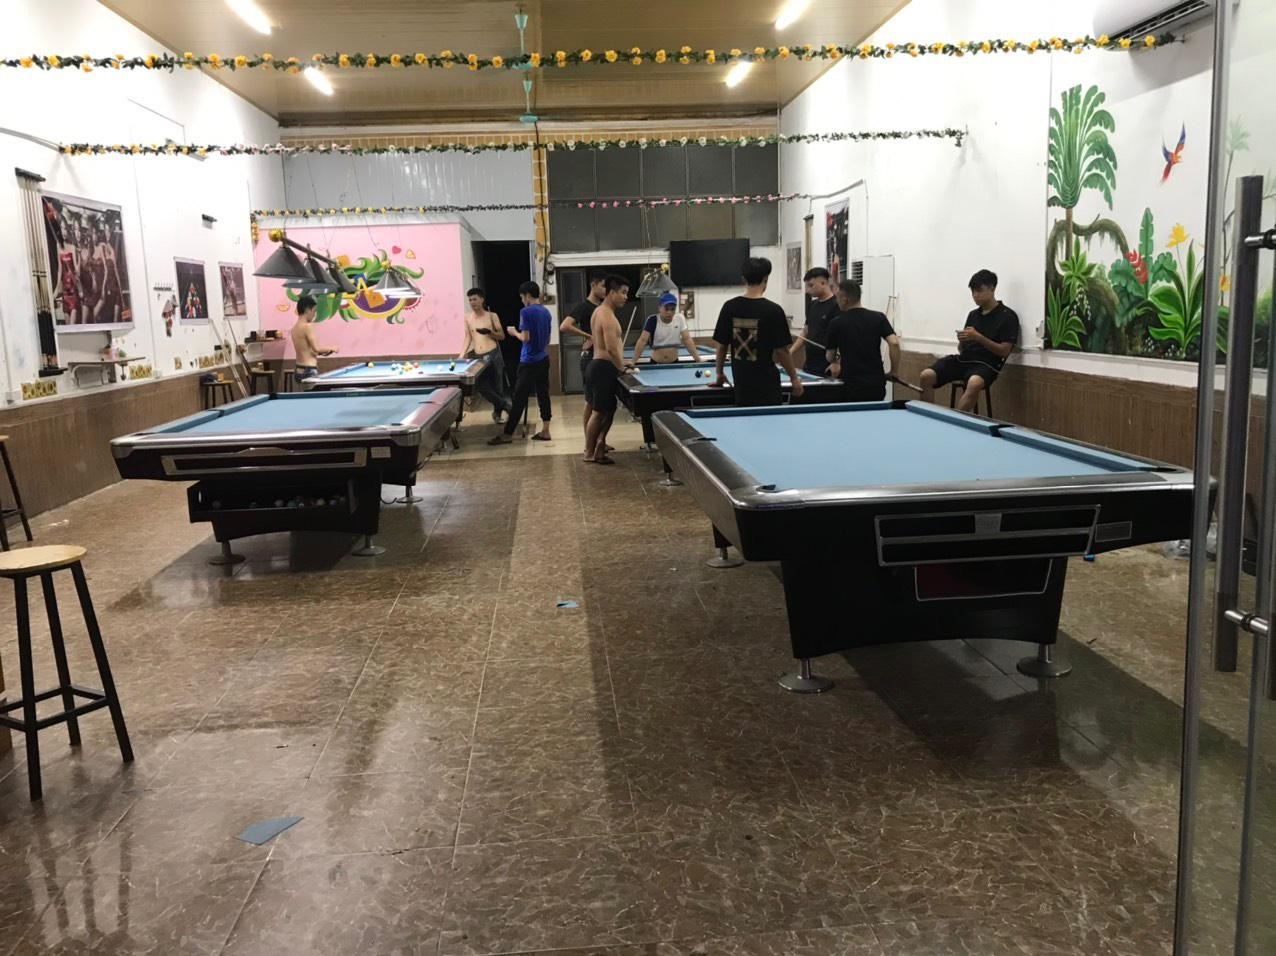 Billiards Hoàn Thúy lắp đặt 5 bàn seri 4 nhập lướt tại Văn Giang, Hưng Yên